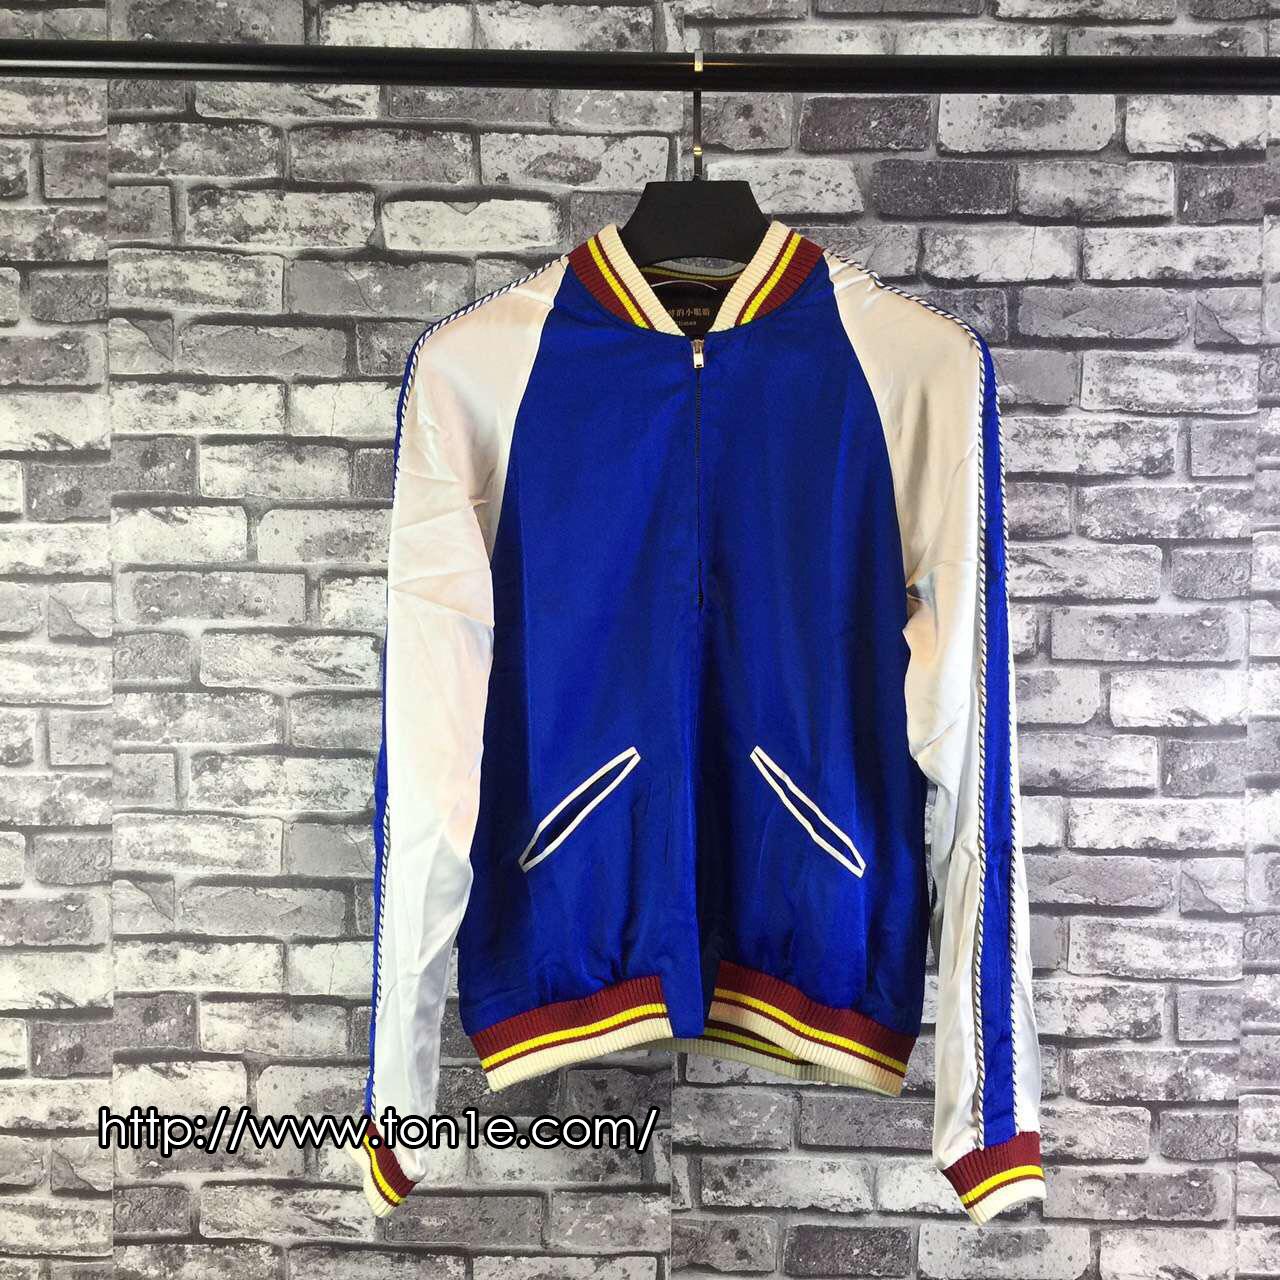 เสื้อแจ็คเก็ตSAINT LAURENT-Slik Satin In Blue Bomber Jacket